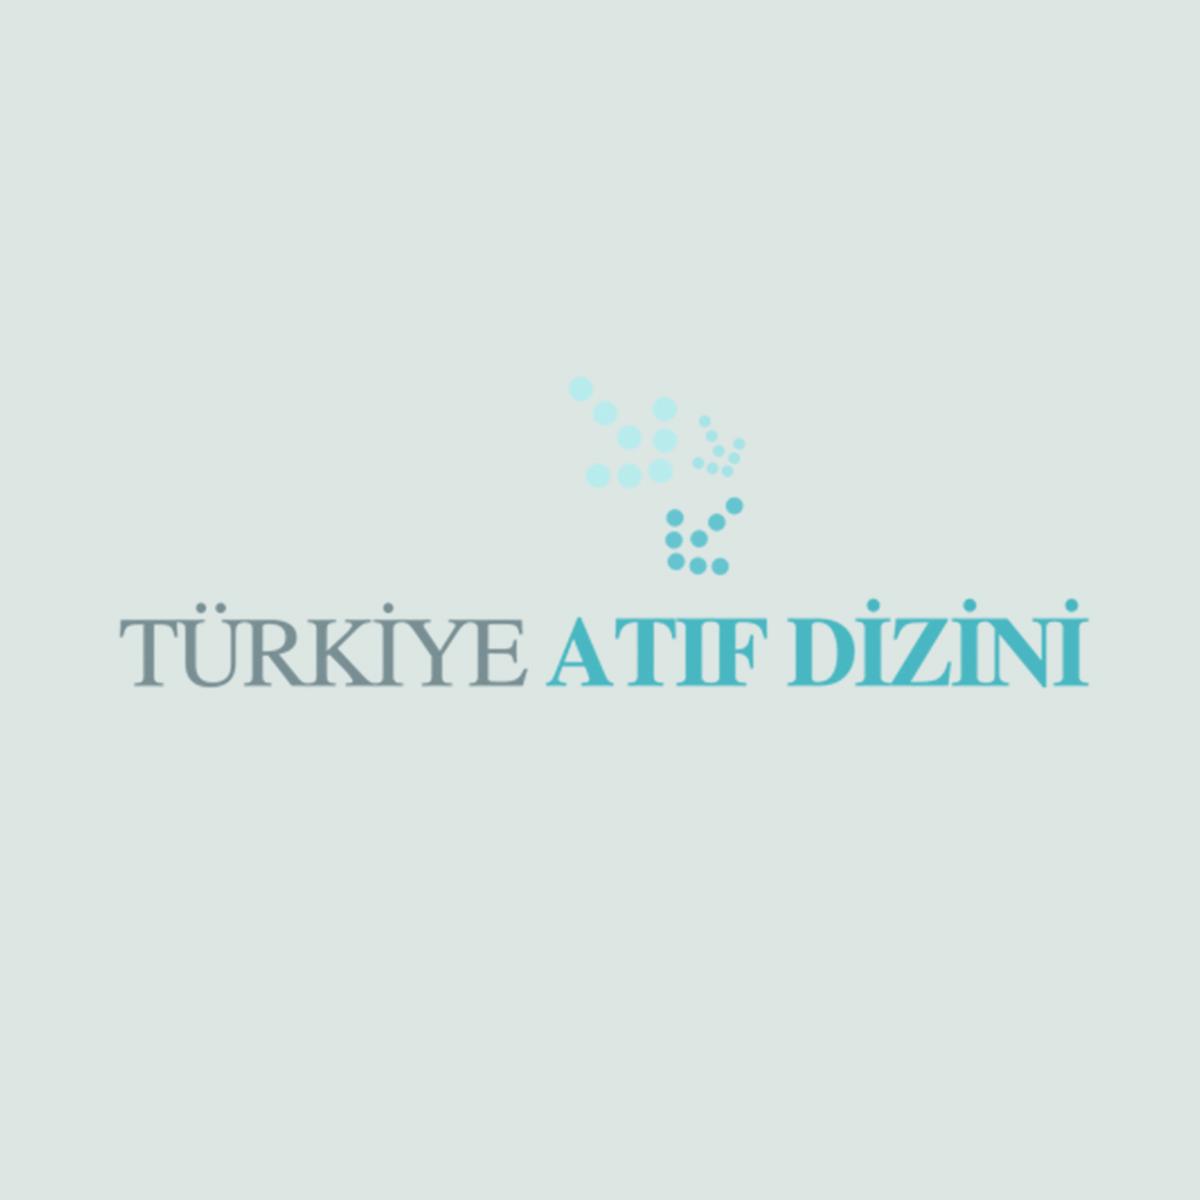 TÜRKİYE ATIF DİZİNİ